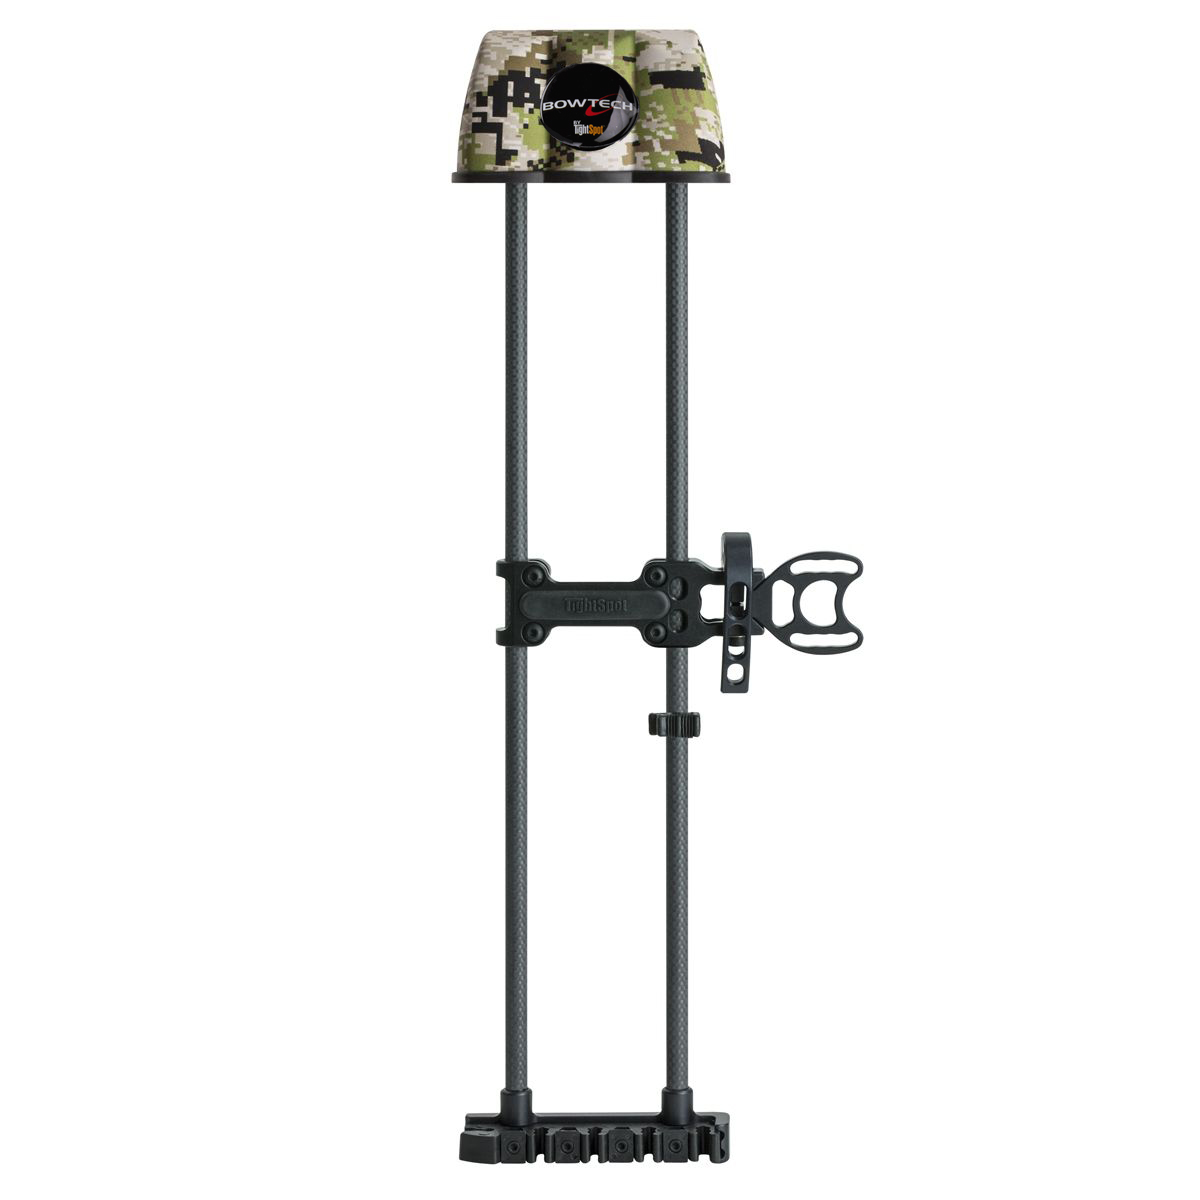 Tightspot Quivers - Bowtech 5 Arrow XL Quiver